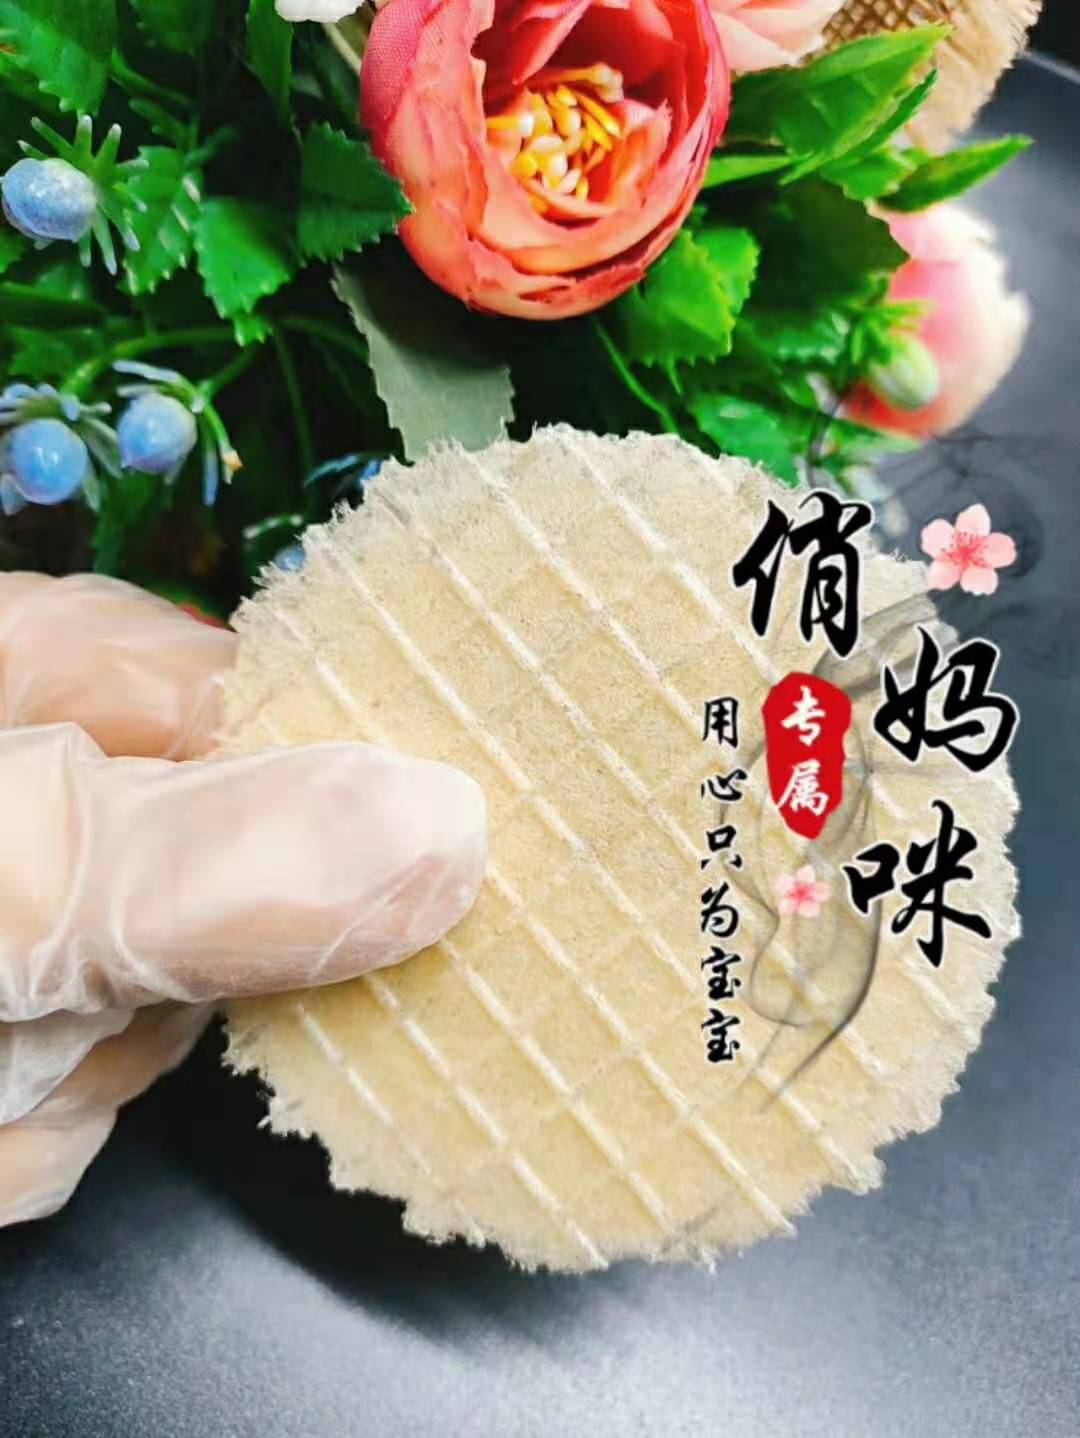 手工辅食代教 在线咨询 创新服务「郑州高新区俏妈咪手工食品供应」